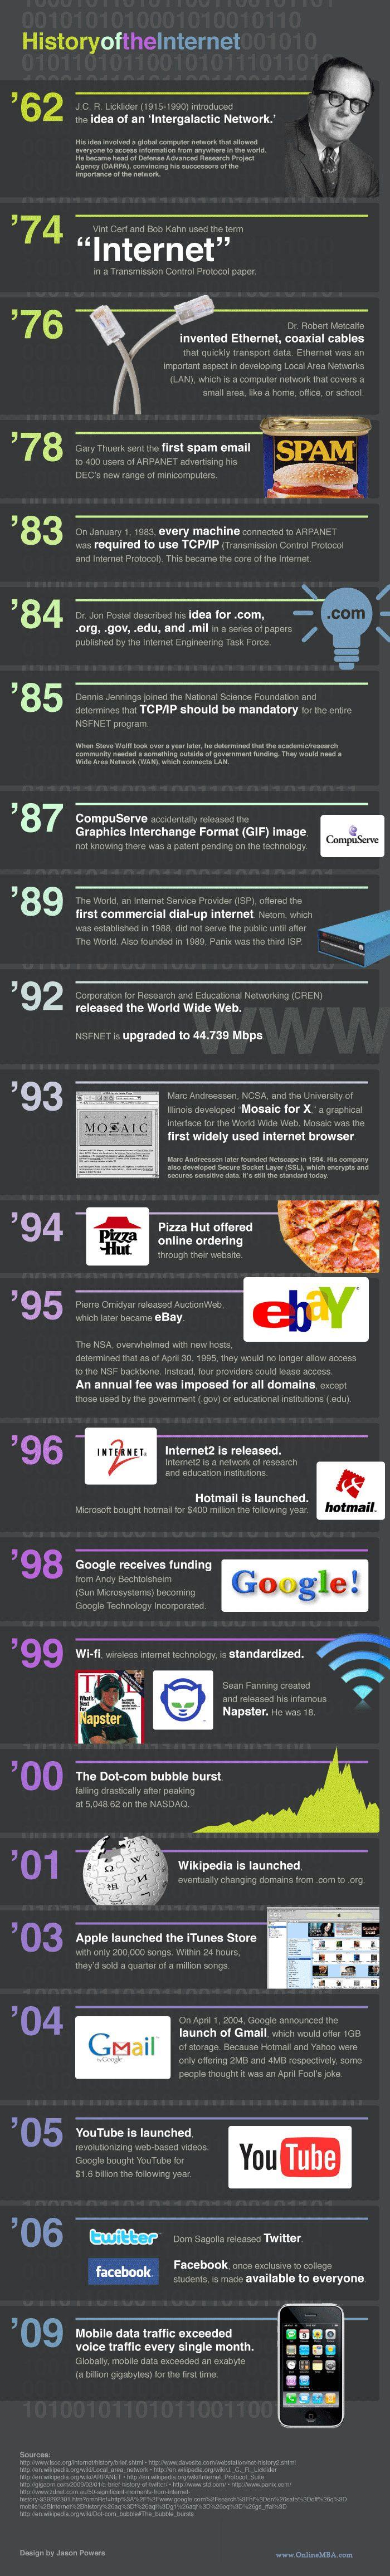 La storia di internet - infographic